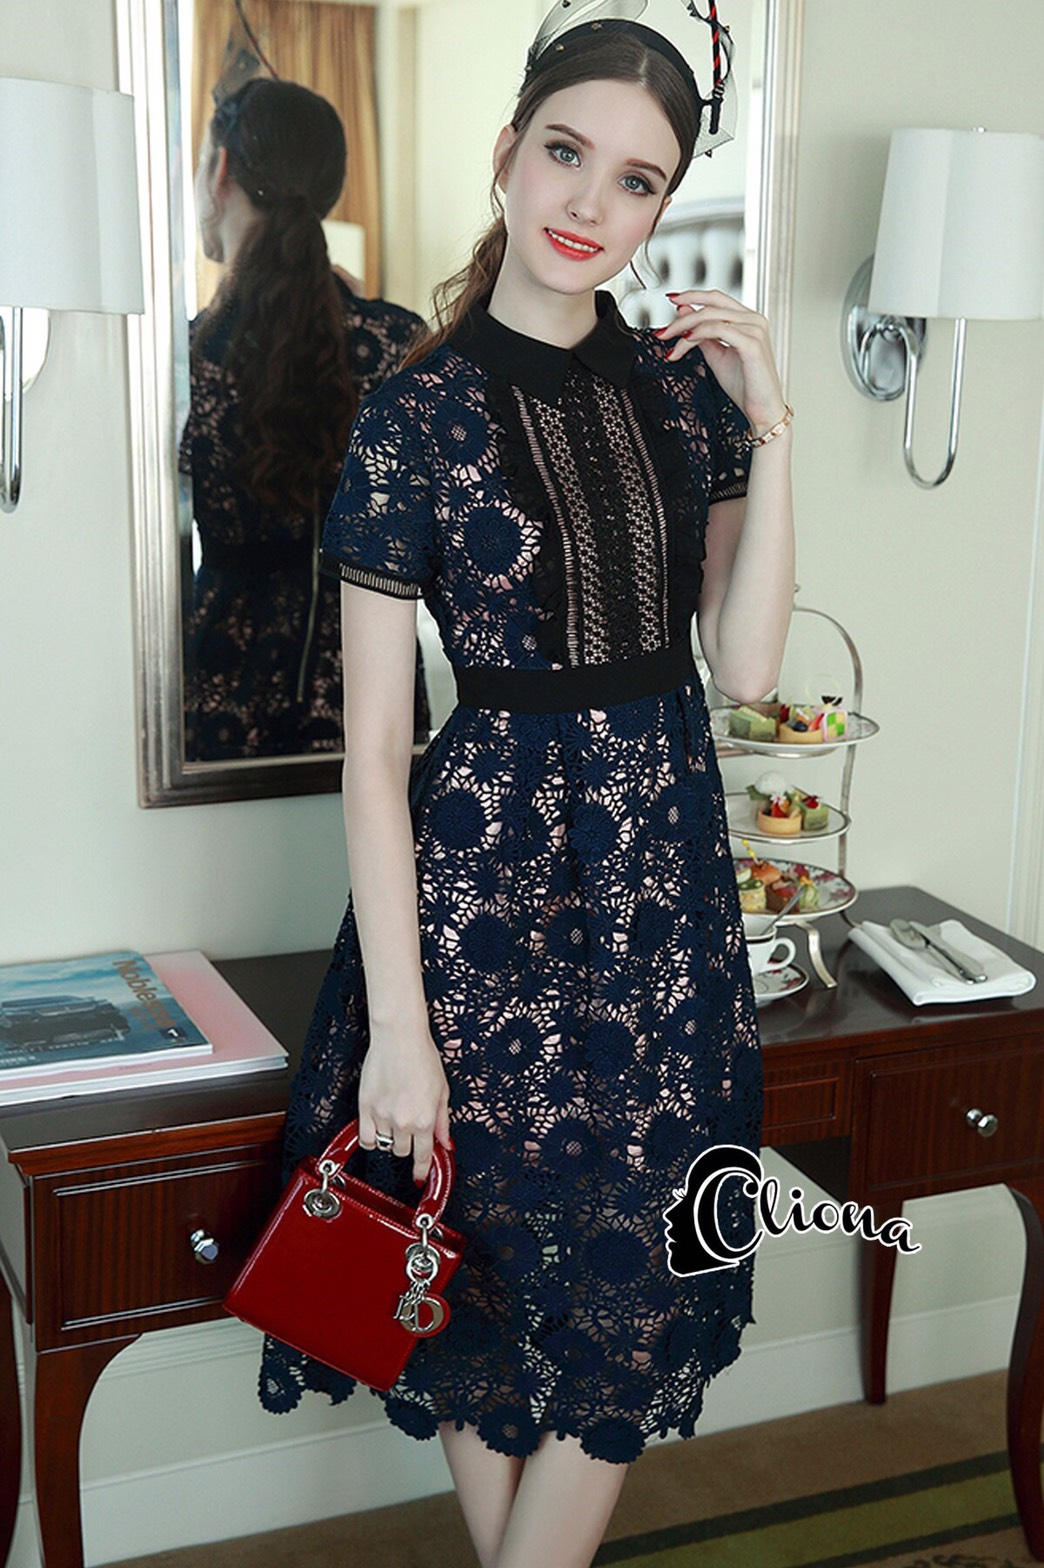 Long dress ฉลุสีกรม แขนสั้นซับในเย็บติดสีเนื้อช่วงอกยาวเหนือหัวเข่า